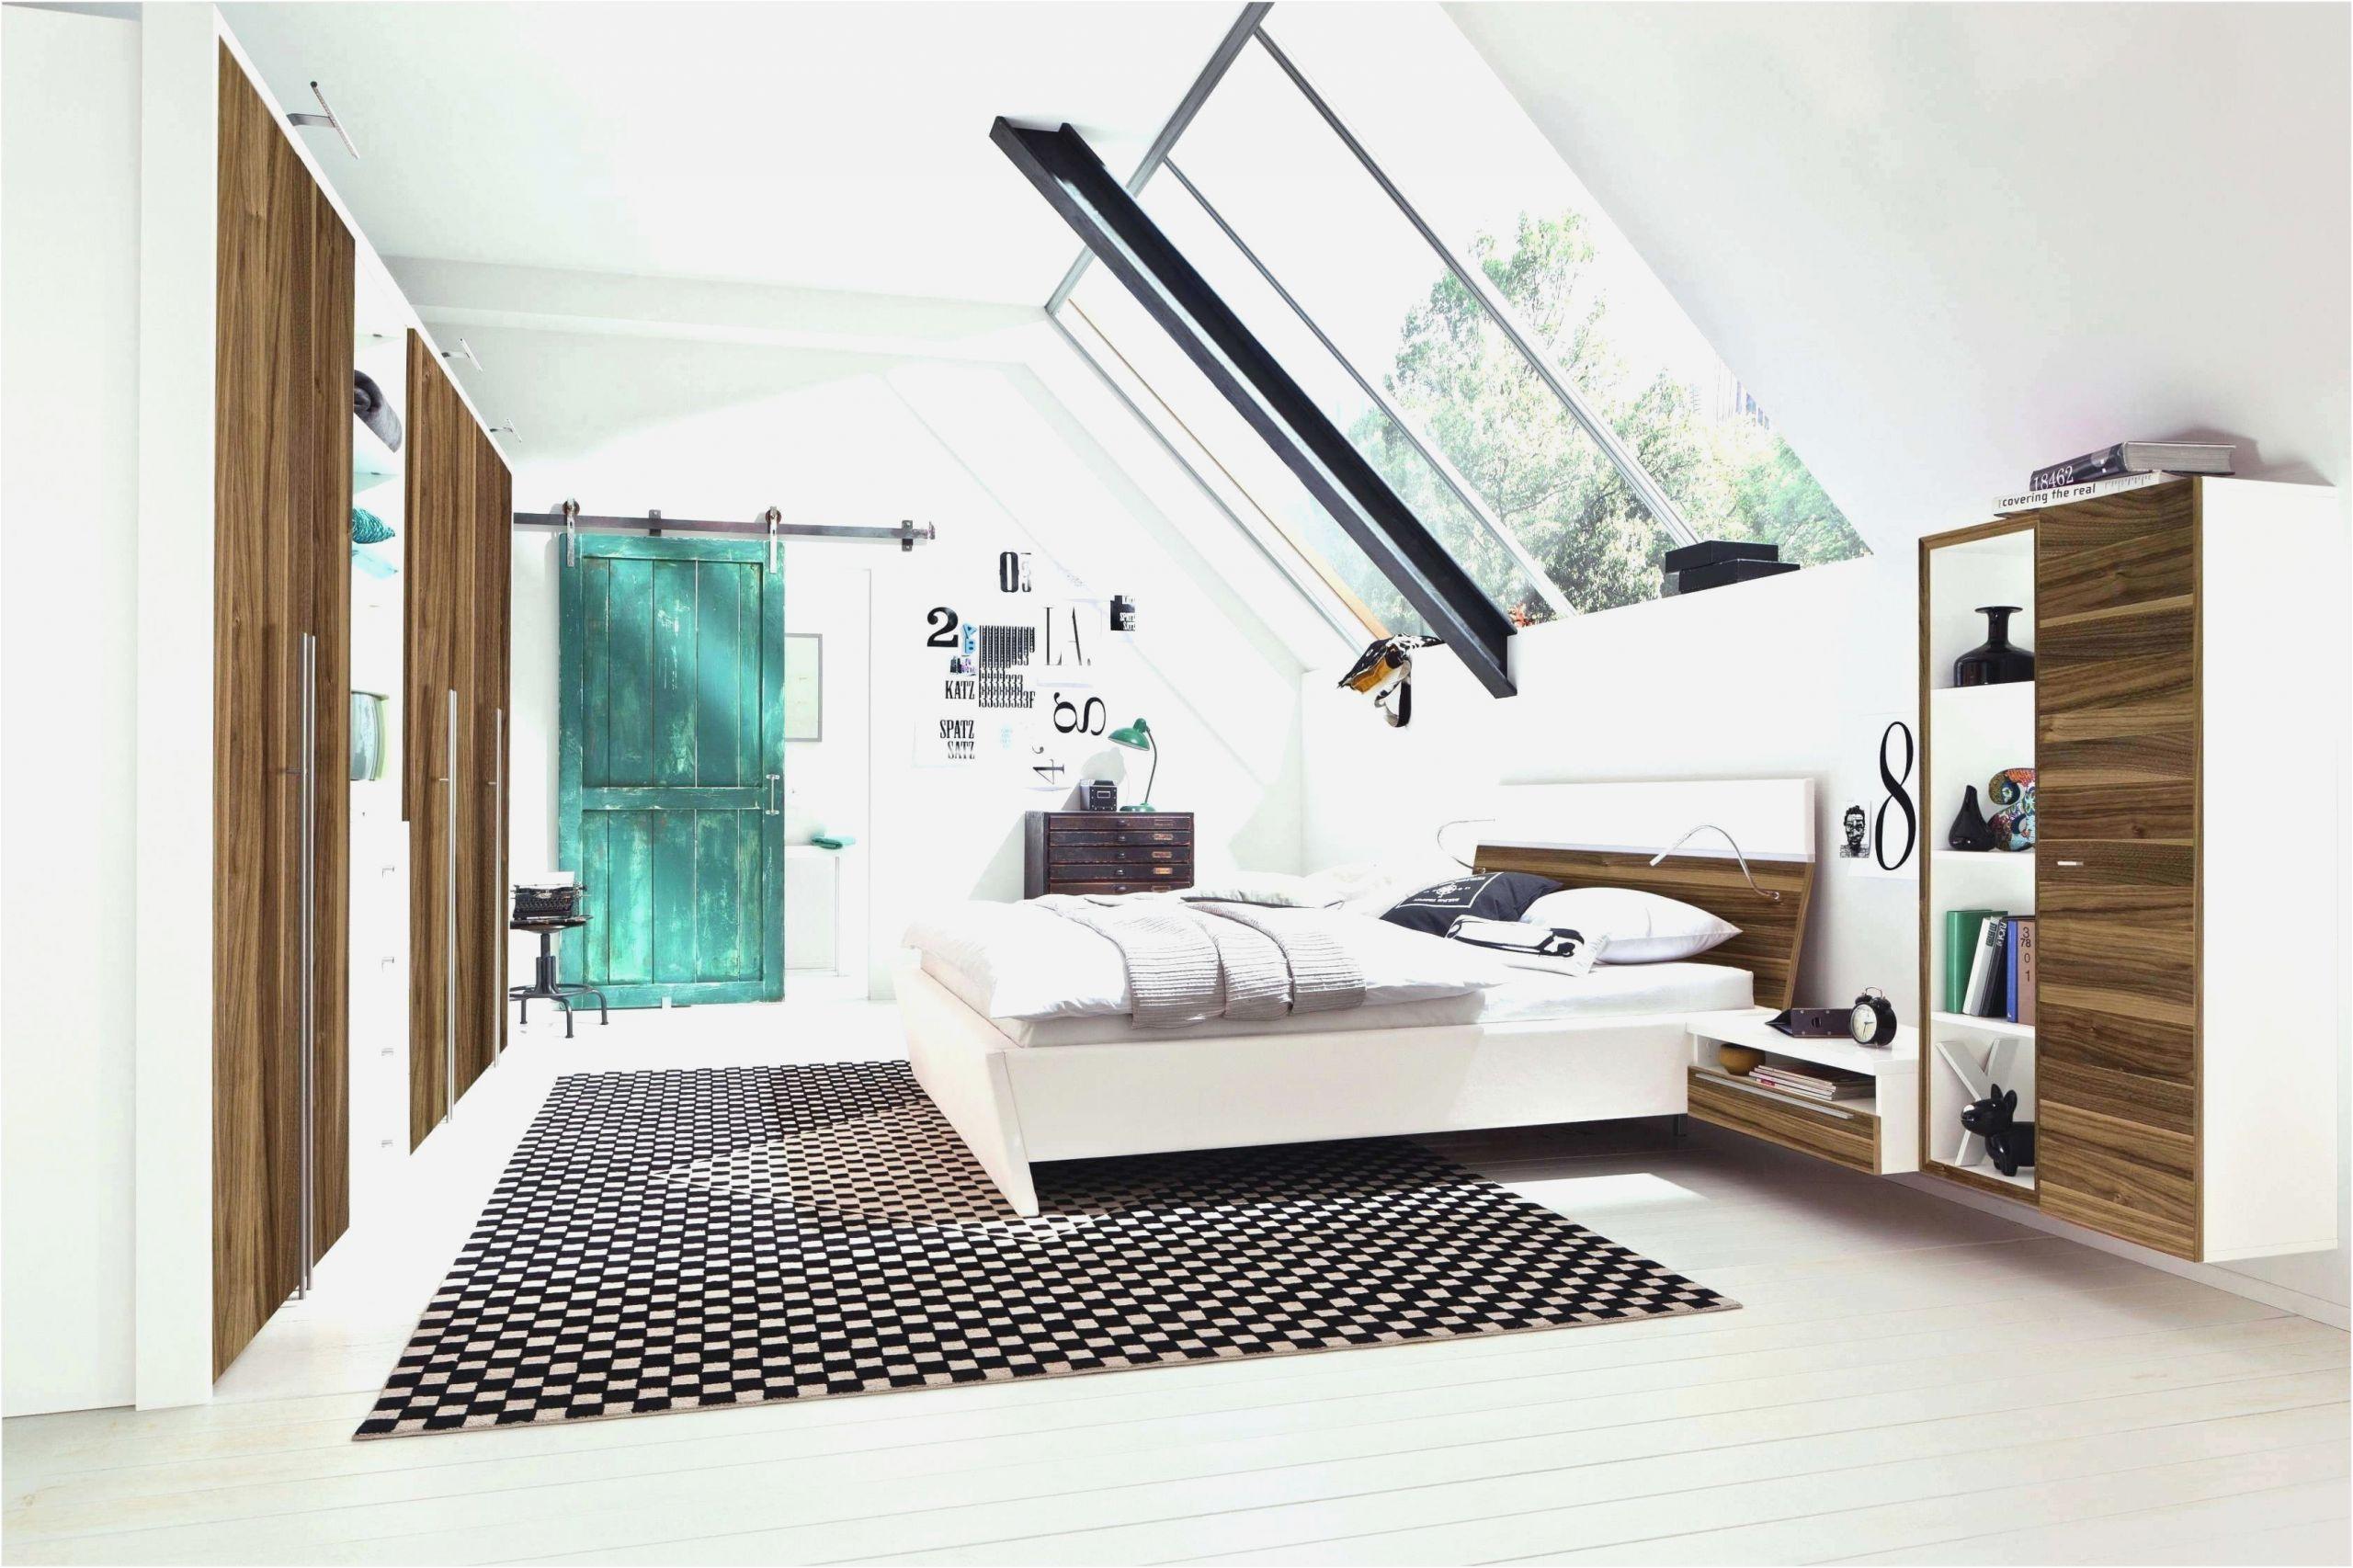 schlafzimmer einrichten ideen bilder of schlafzimmer einrichten ideen bilder scaled